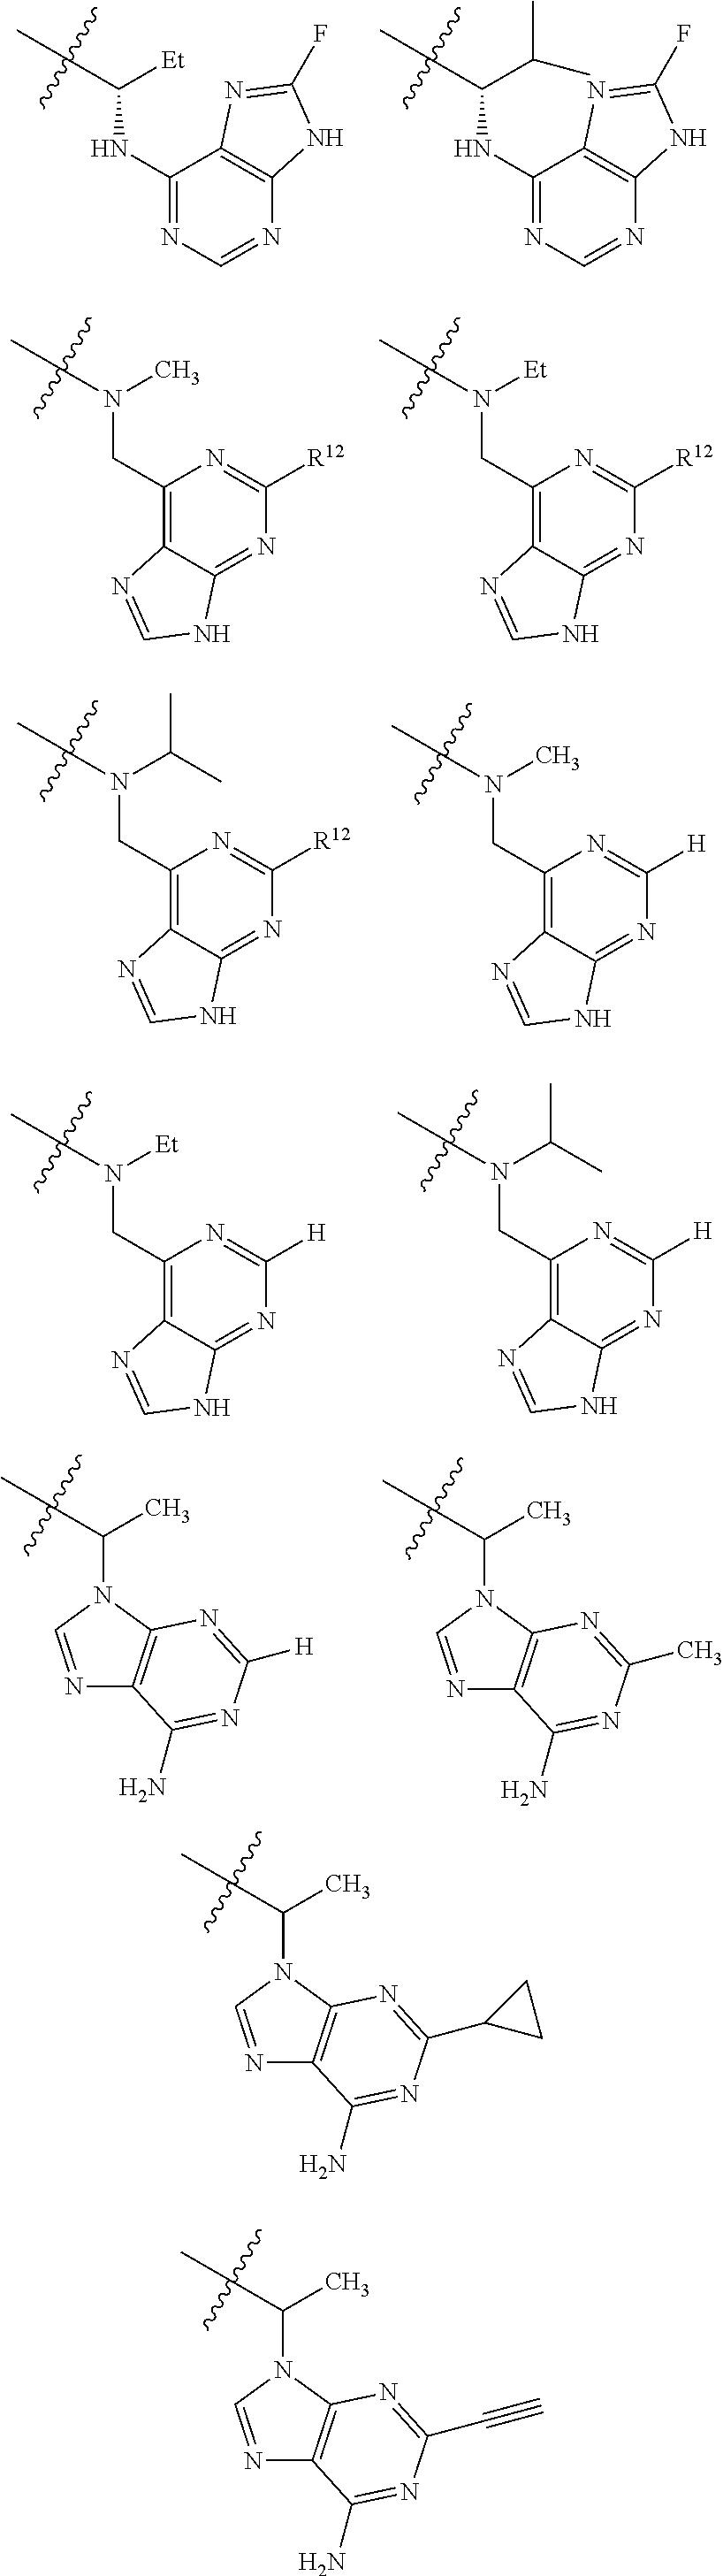 Figure US08193182-20120605-C00041